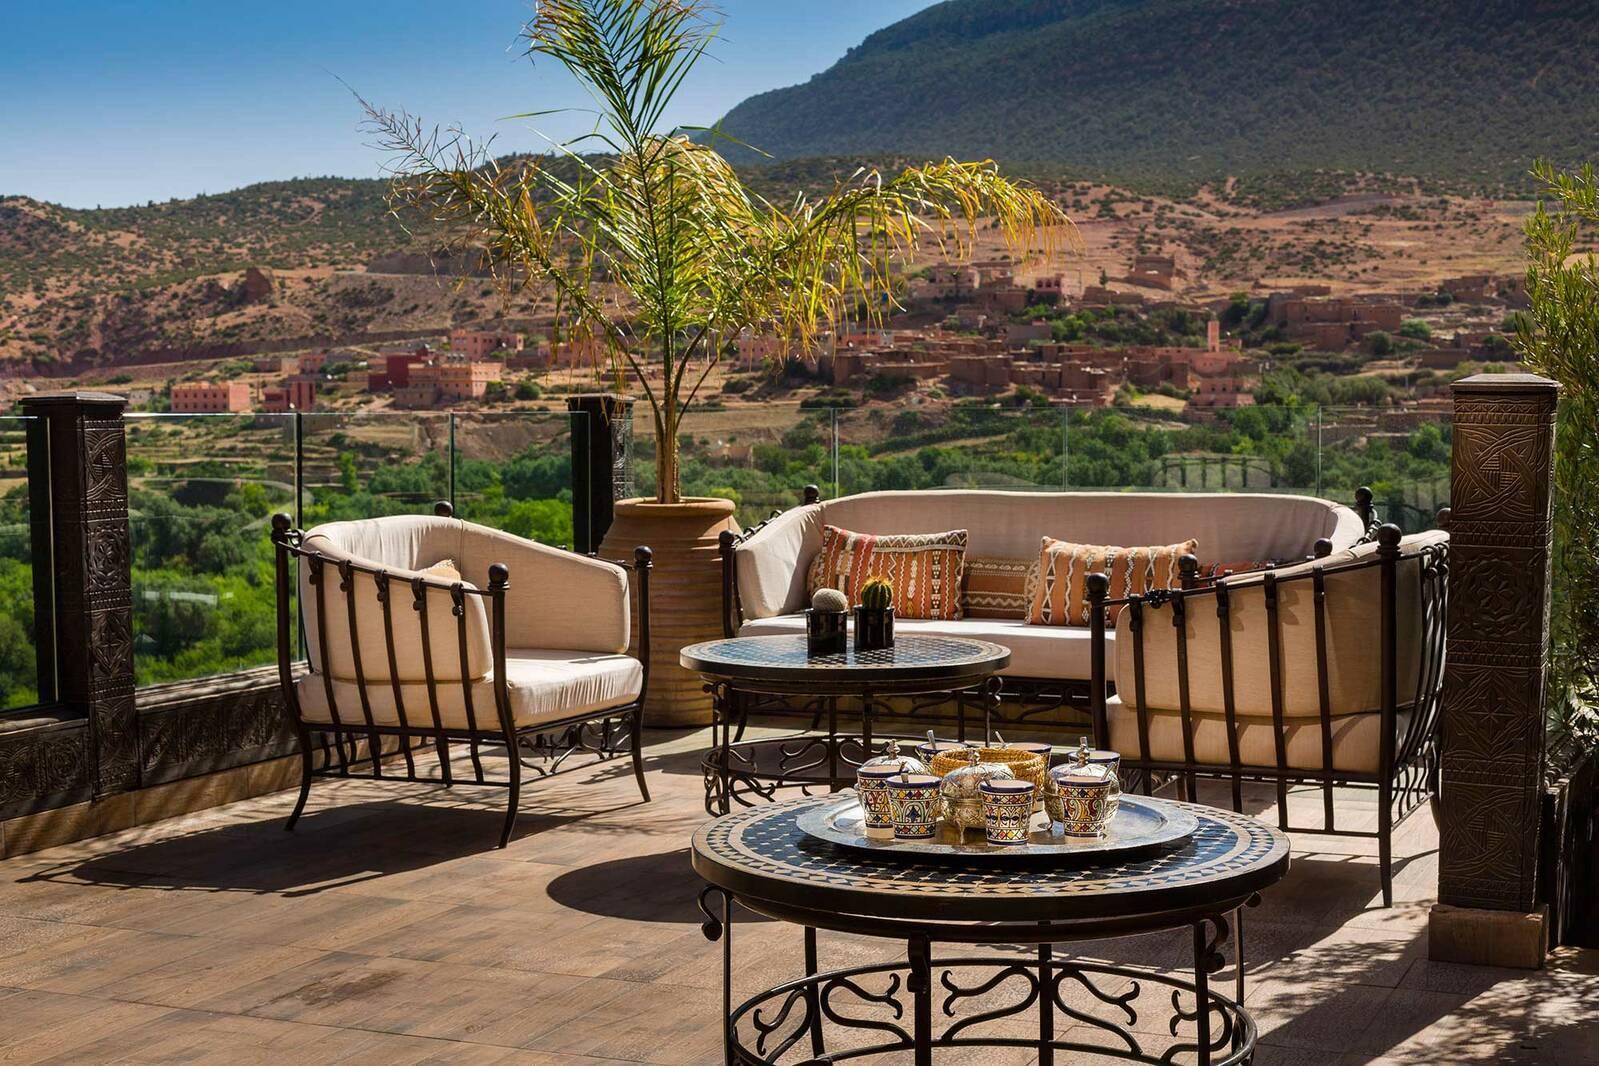 Kasbah Tamadot Maroc Virgin Asmoun Lounge